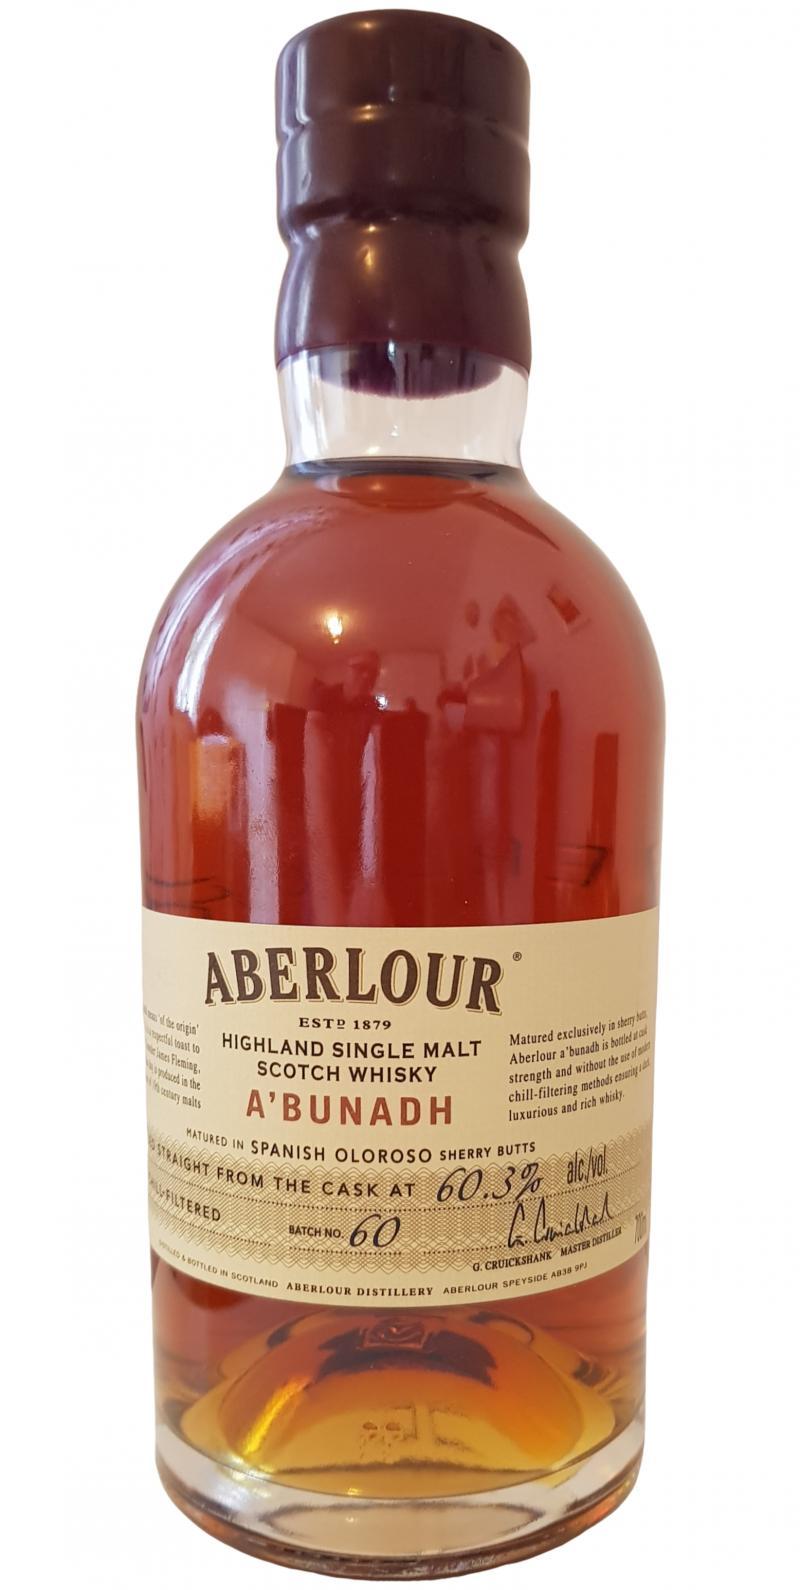 Aberlour A'bunadh batch #60